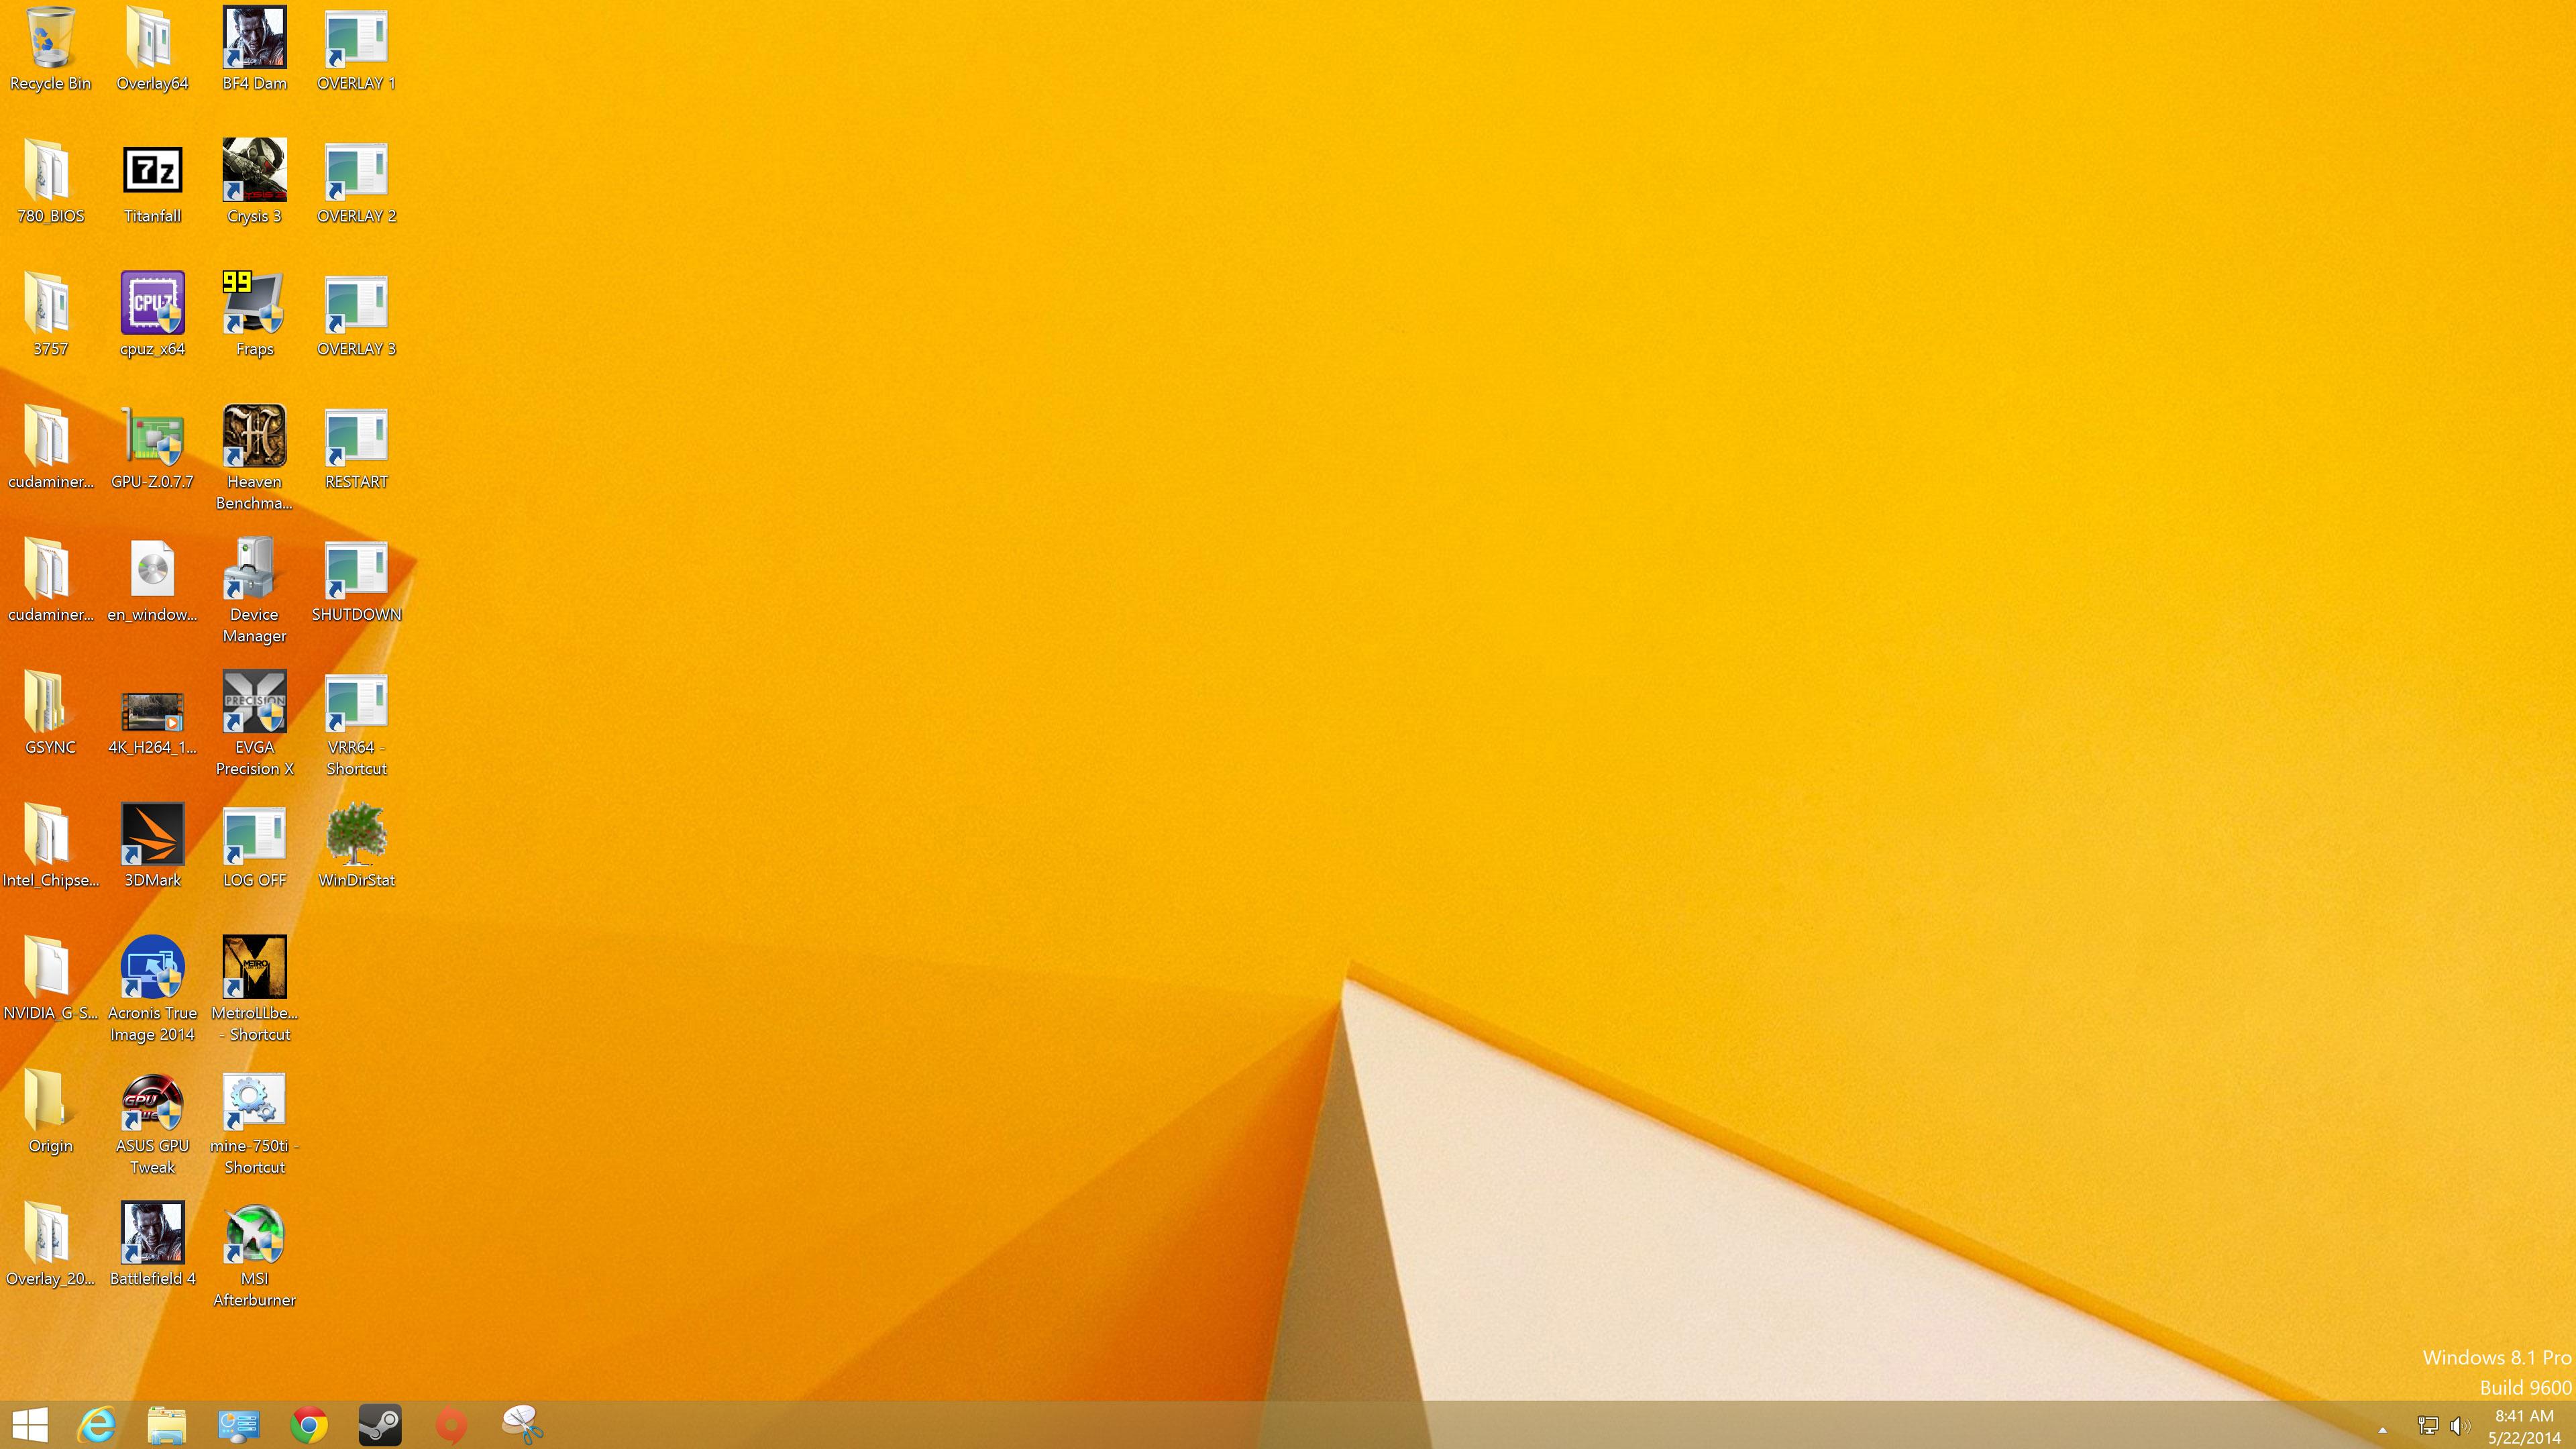 win81-size4desktop.jpg